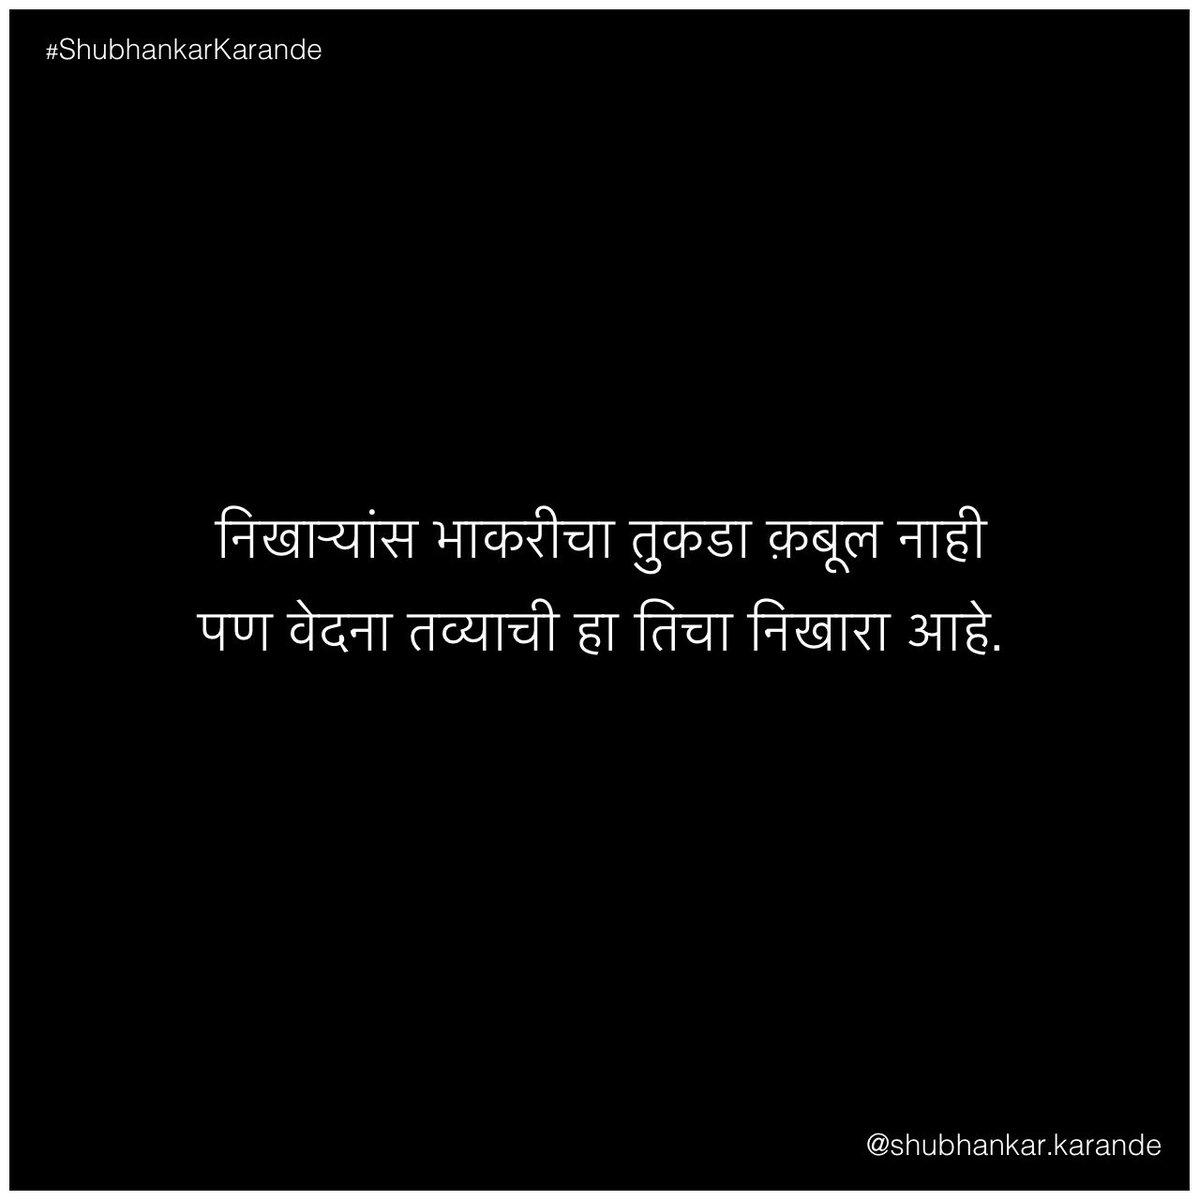 काही बोलायचं आहे ! आहे ?  #ShubhankarKarande #ShubhankarKarandeOfficial #Shubhankar_mk #Poet #poetry #love #life #peace #happiness #journey #marathi #marathisahitya https://t.co/1md7tTkvdq